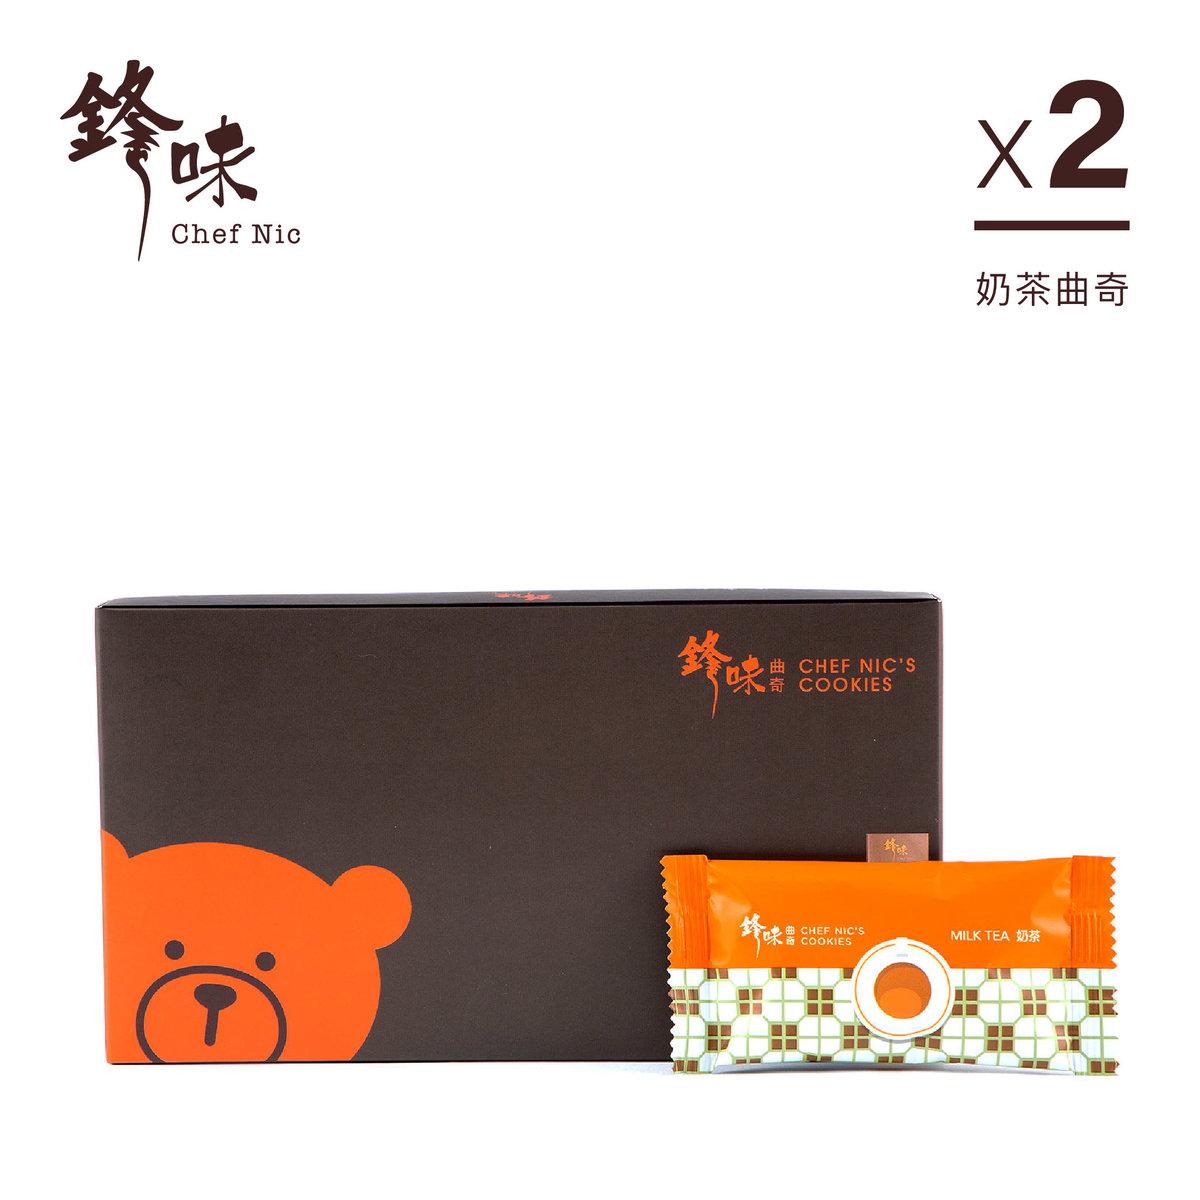 奶茶曲奇 X 2 盒